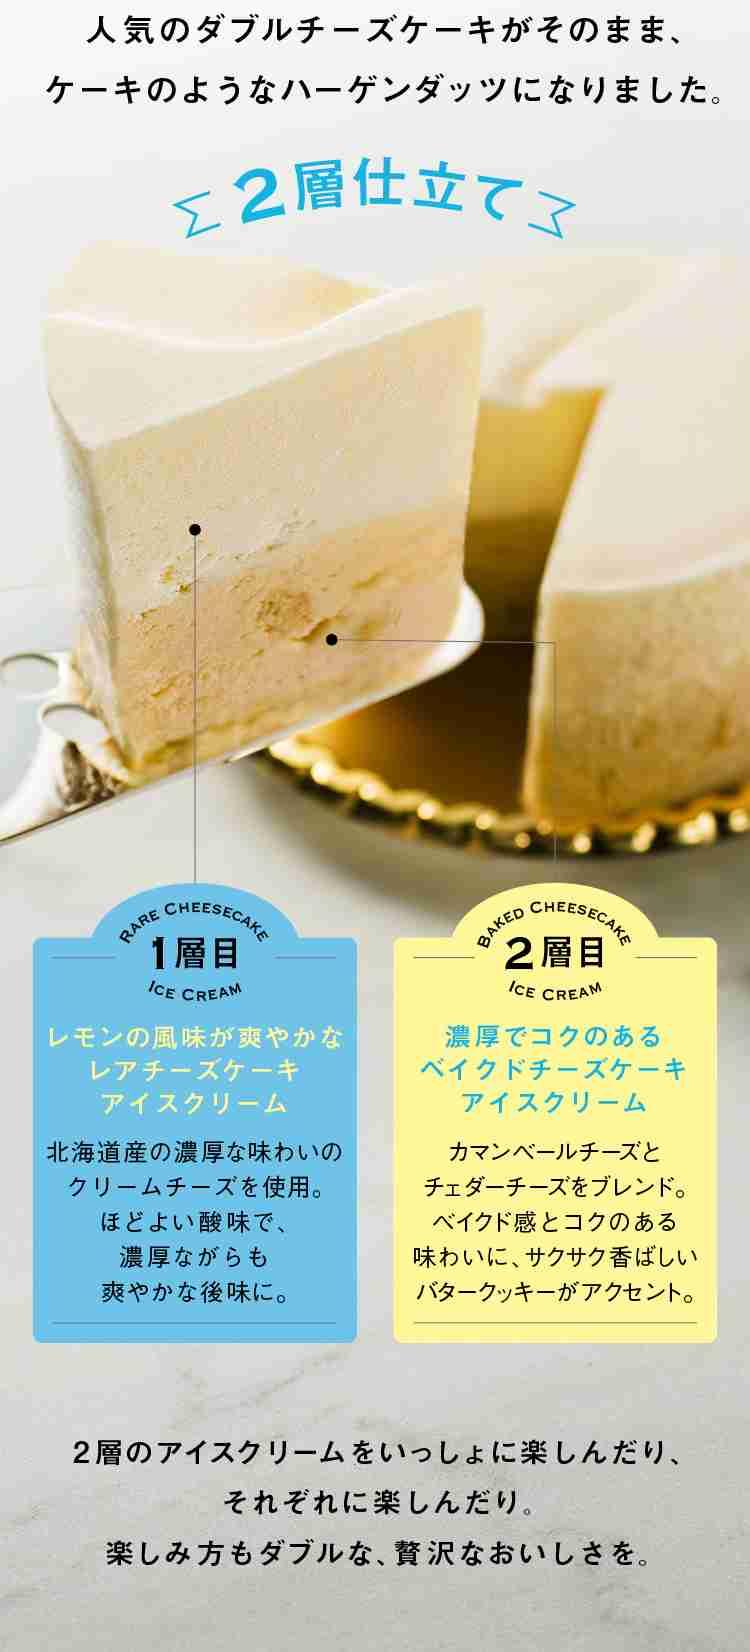 3種類のチーズが超濃厚! 期間限定ハーゲンダッツ「ダブルチーズケーキ」が登場!